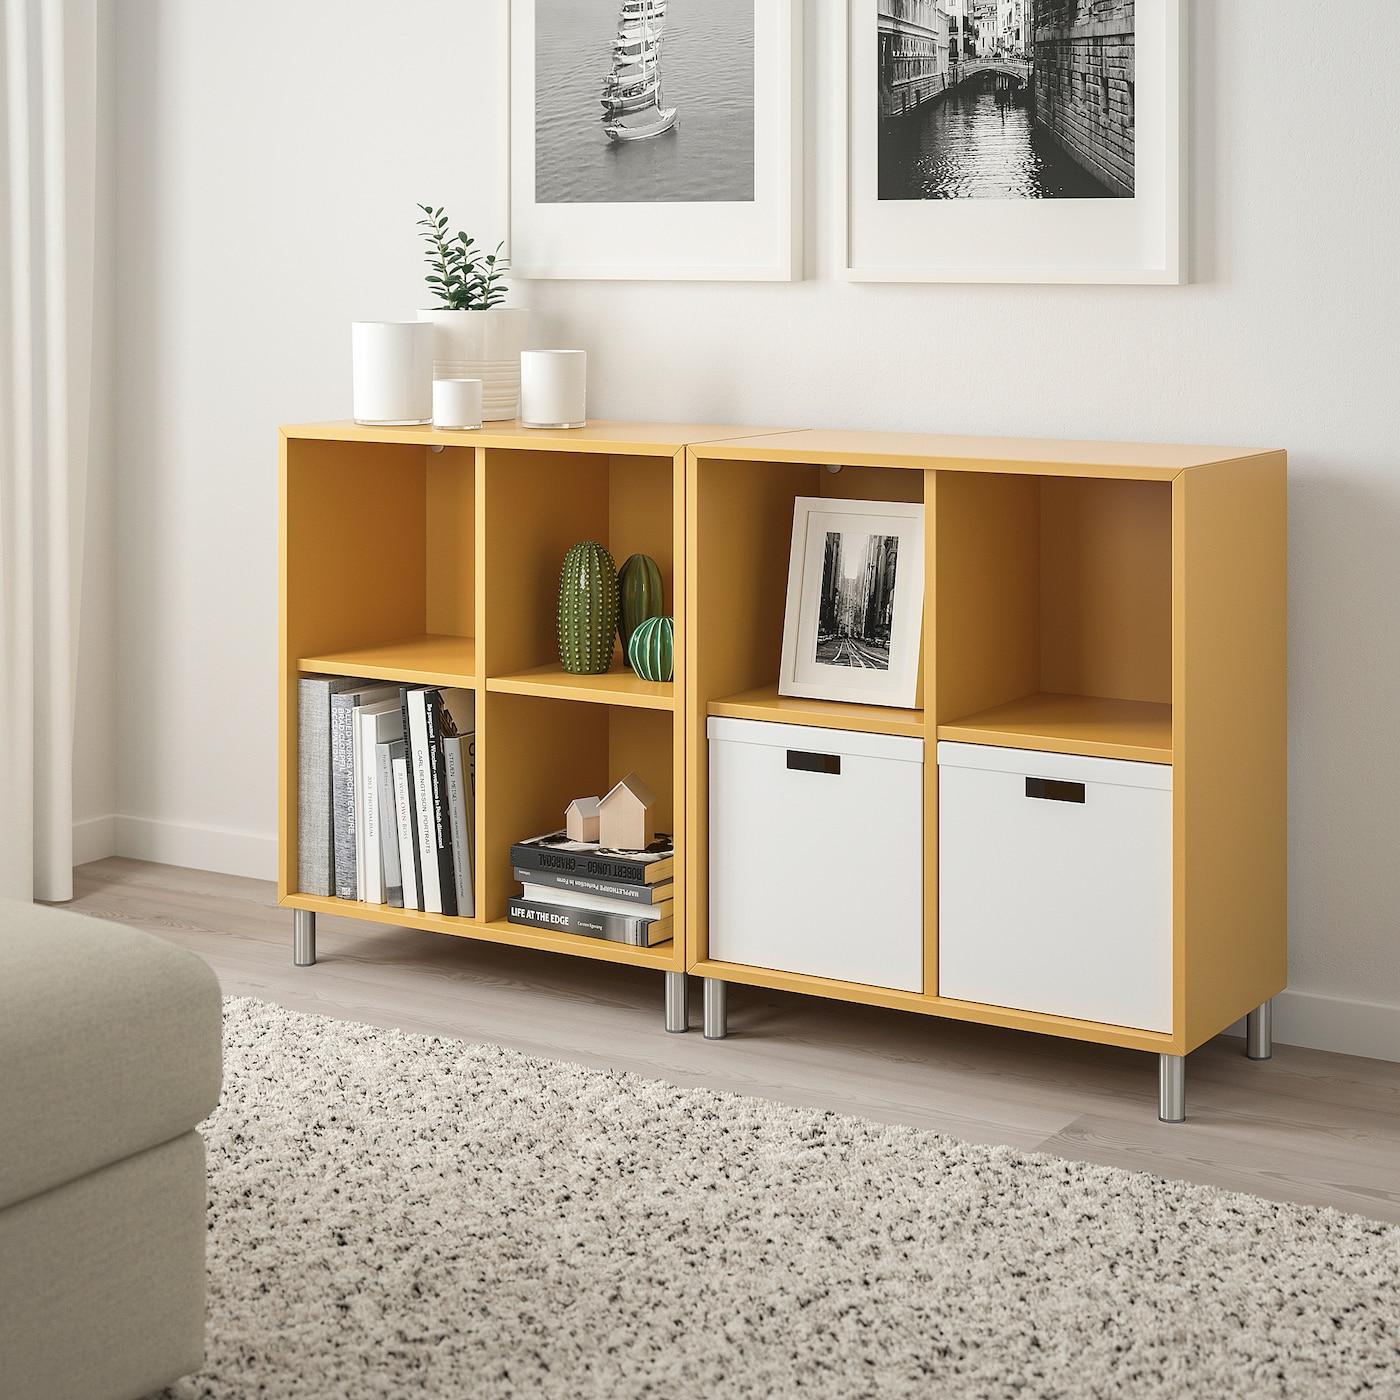 Bookcase & Shelving units